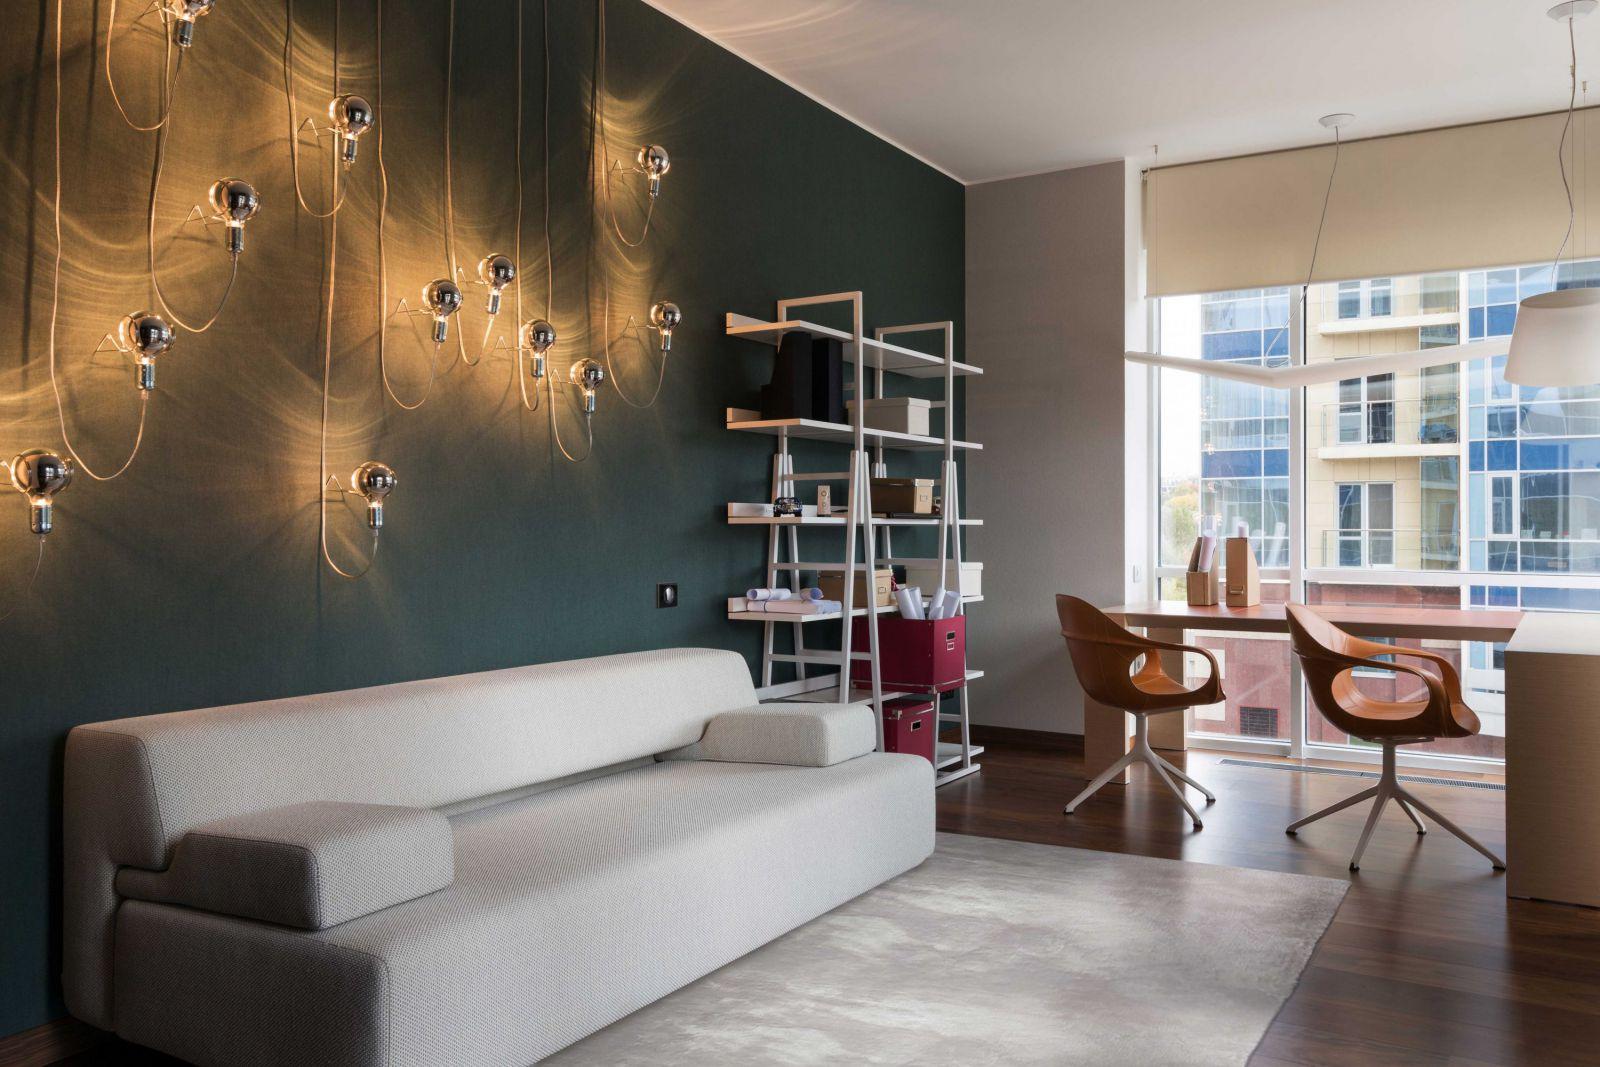 Дизайн гаража в частном доме: красивый и удобный интерьер